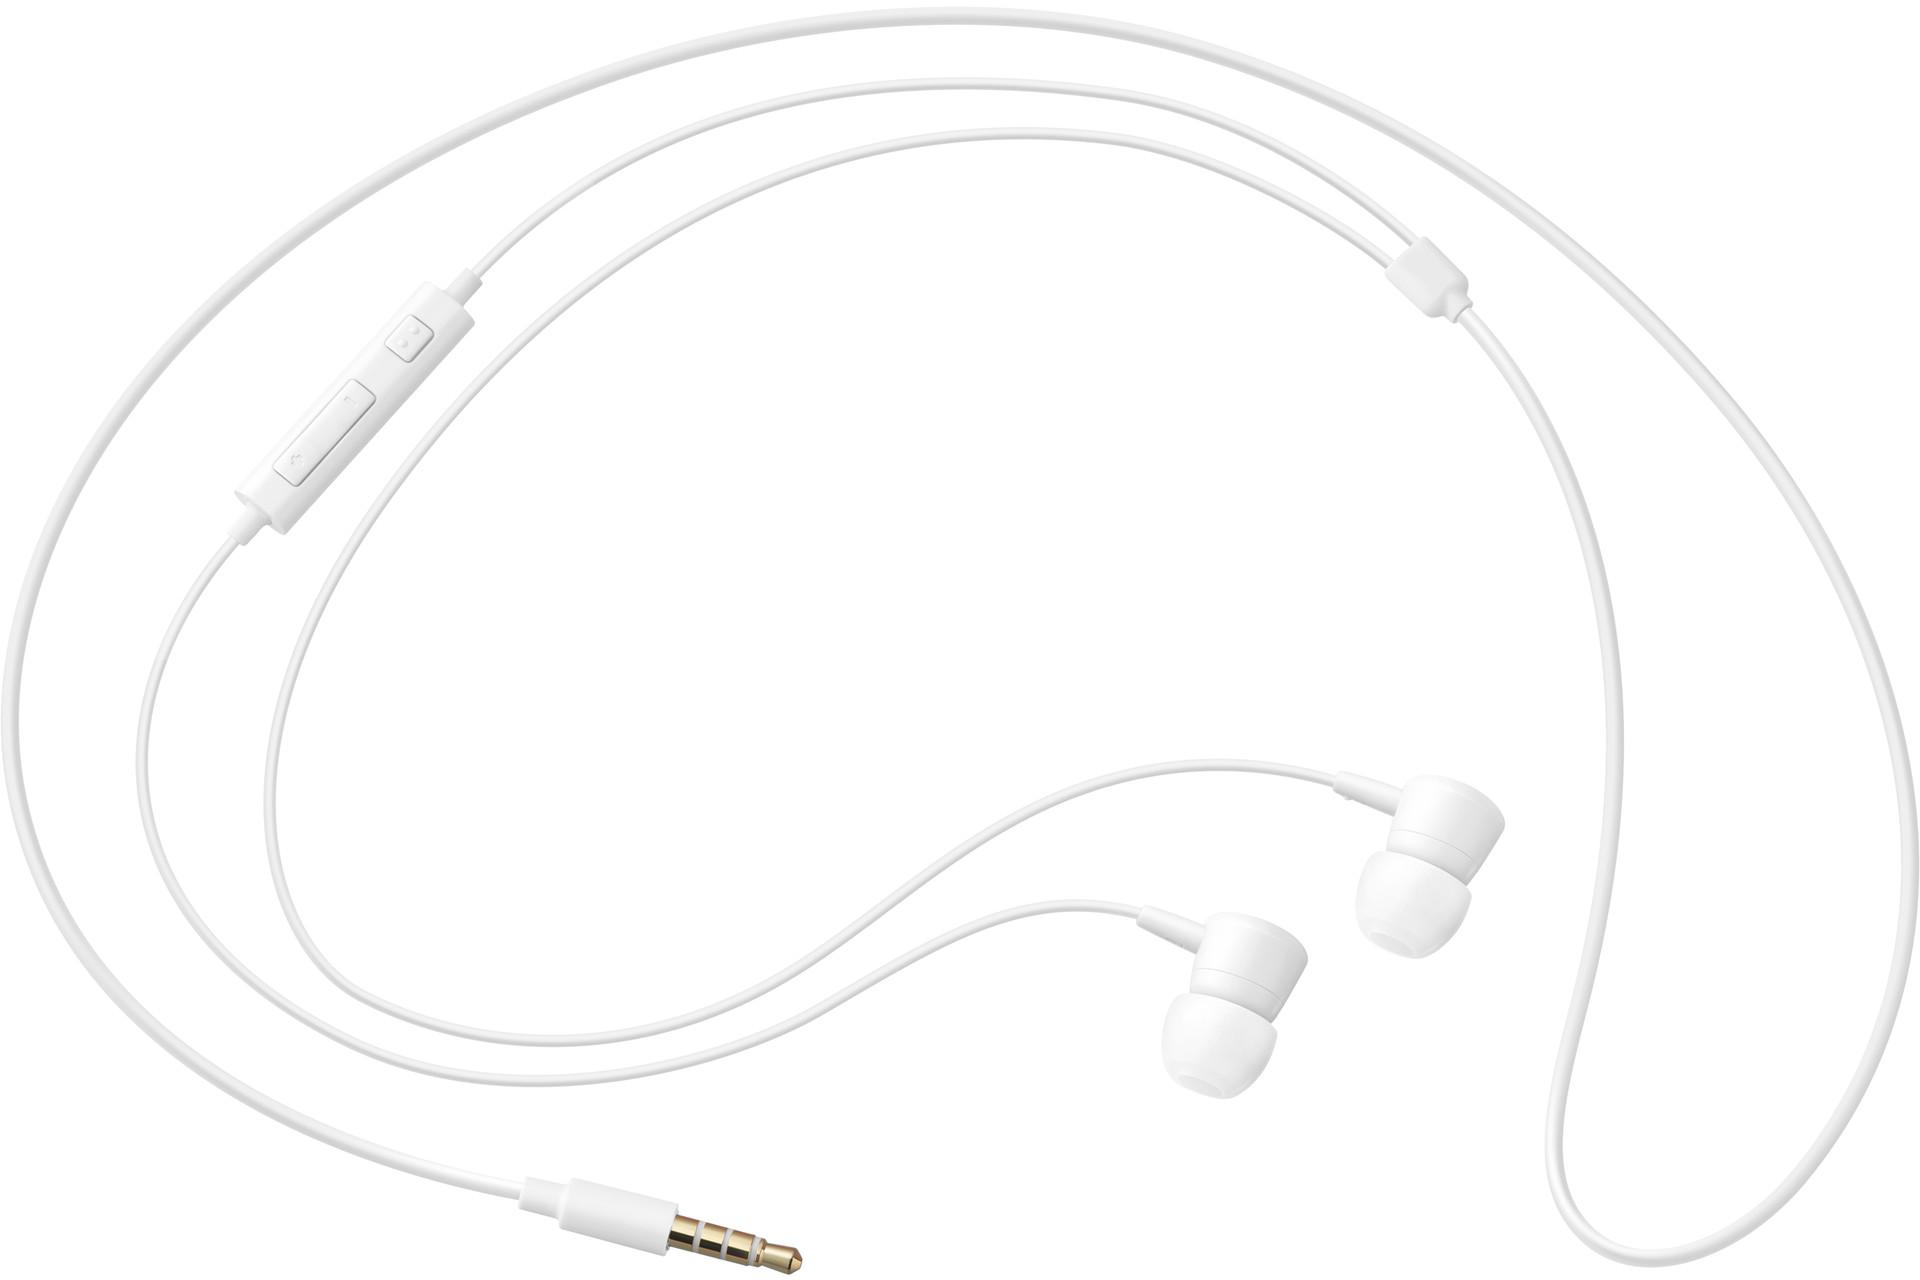 Auscultadores Samsung HS1303 Wired Headset (w/ remote